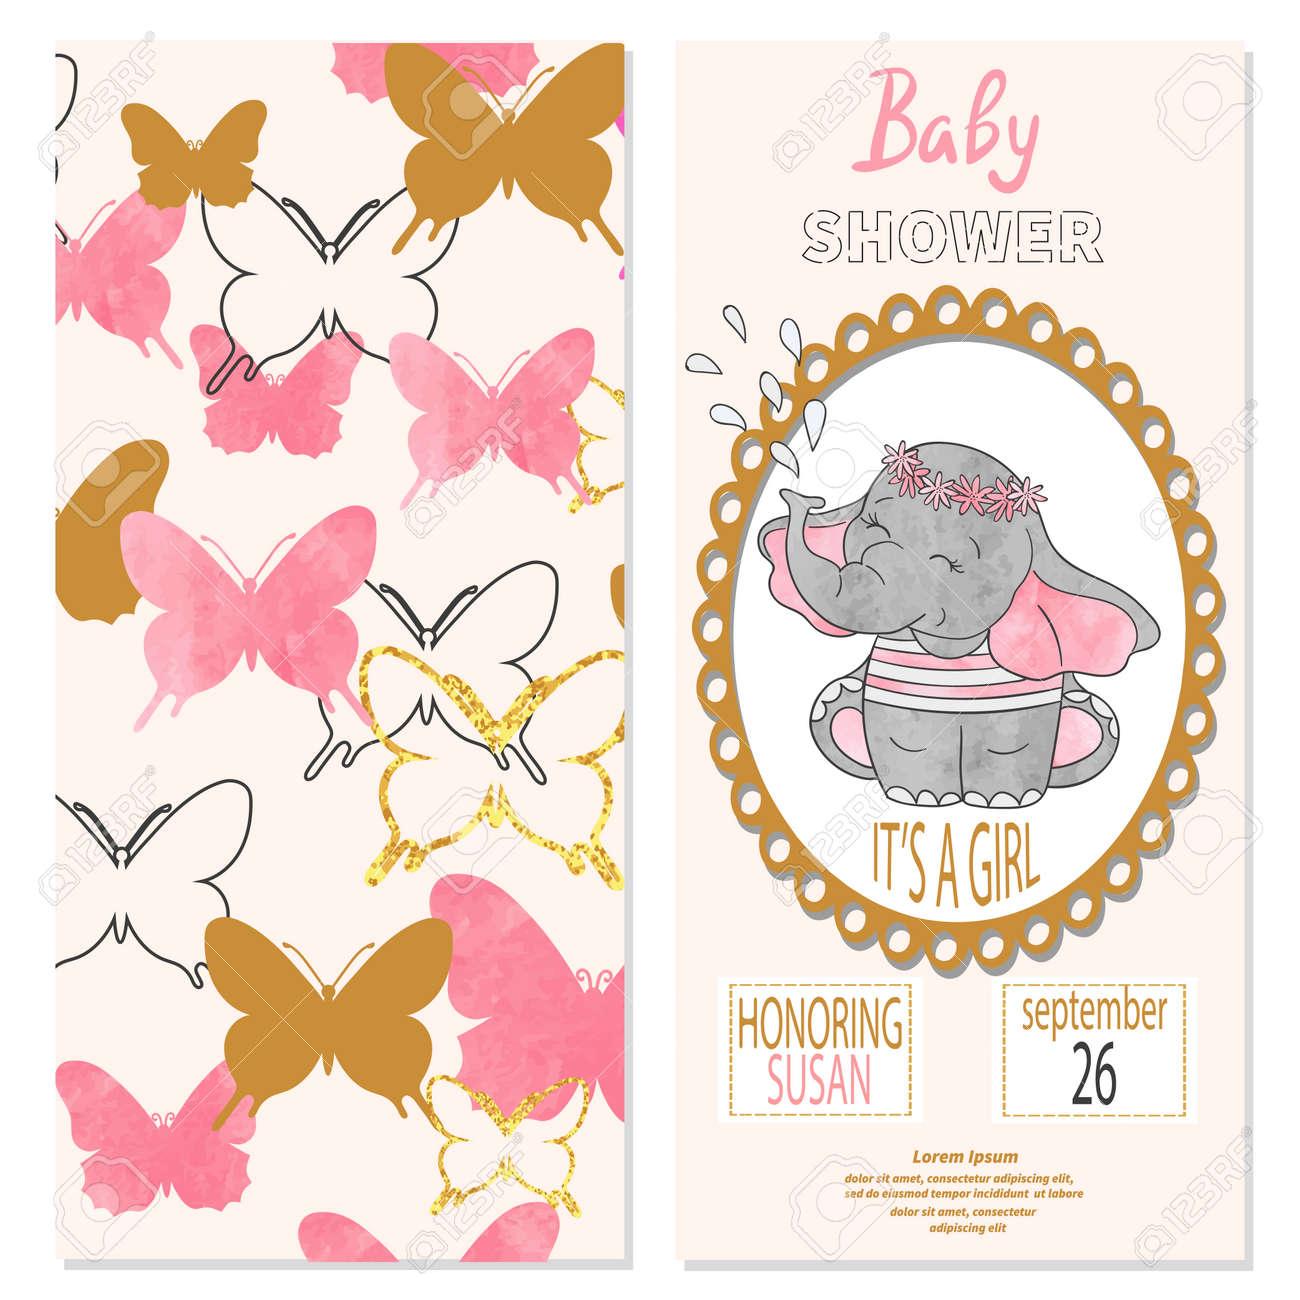 Baby Shower Nina Diseno De Tarjeta De Invitacion De Vector Con